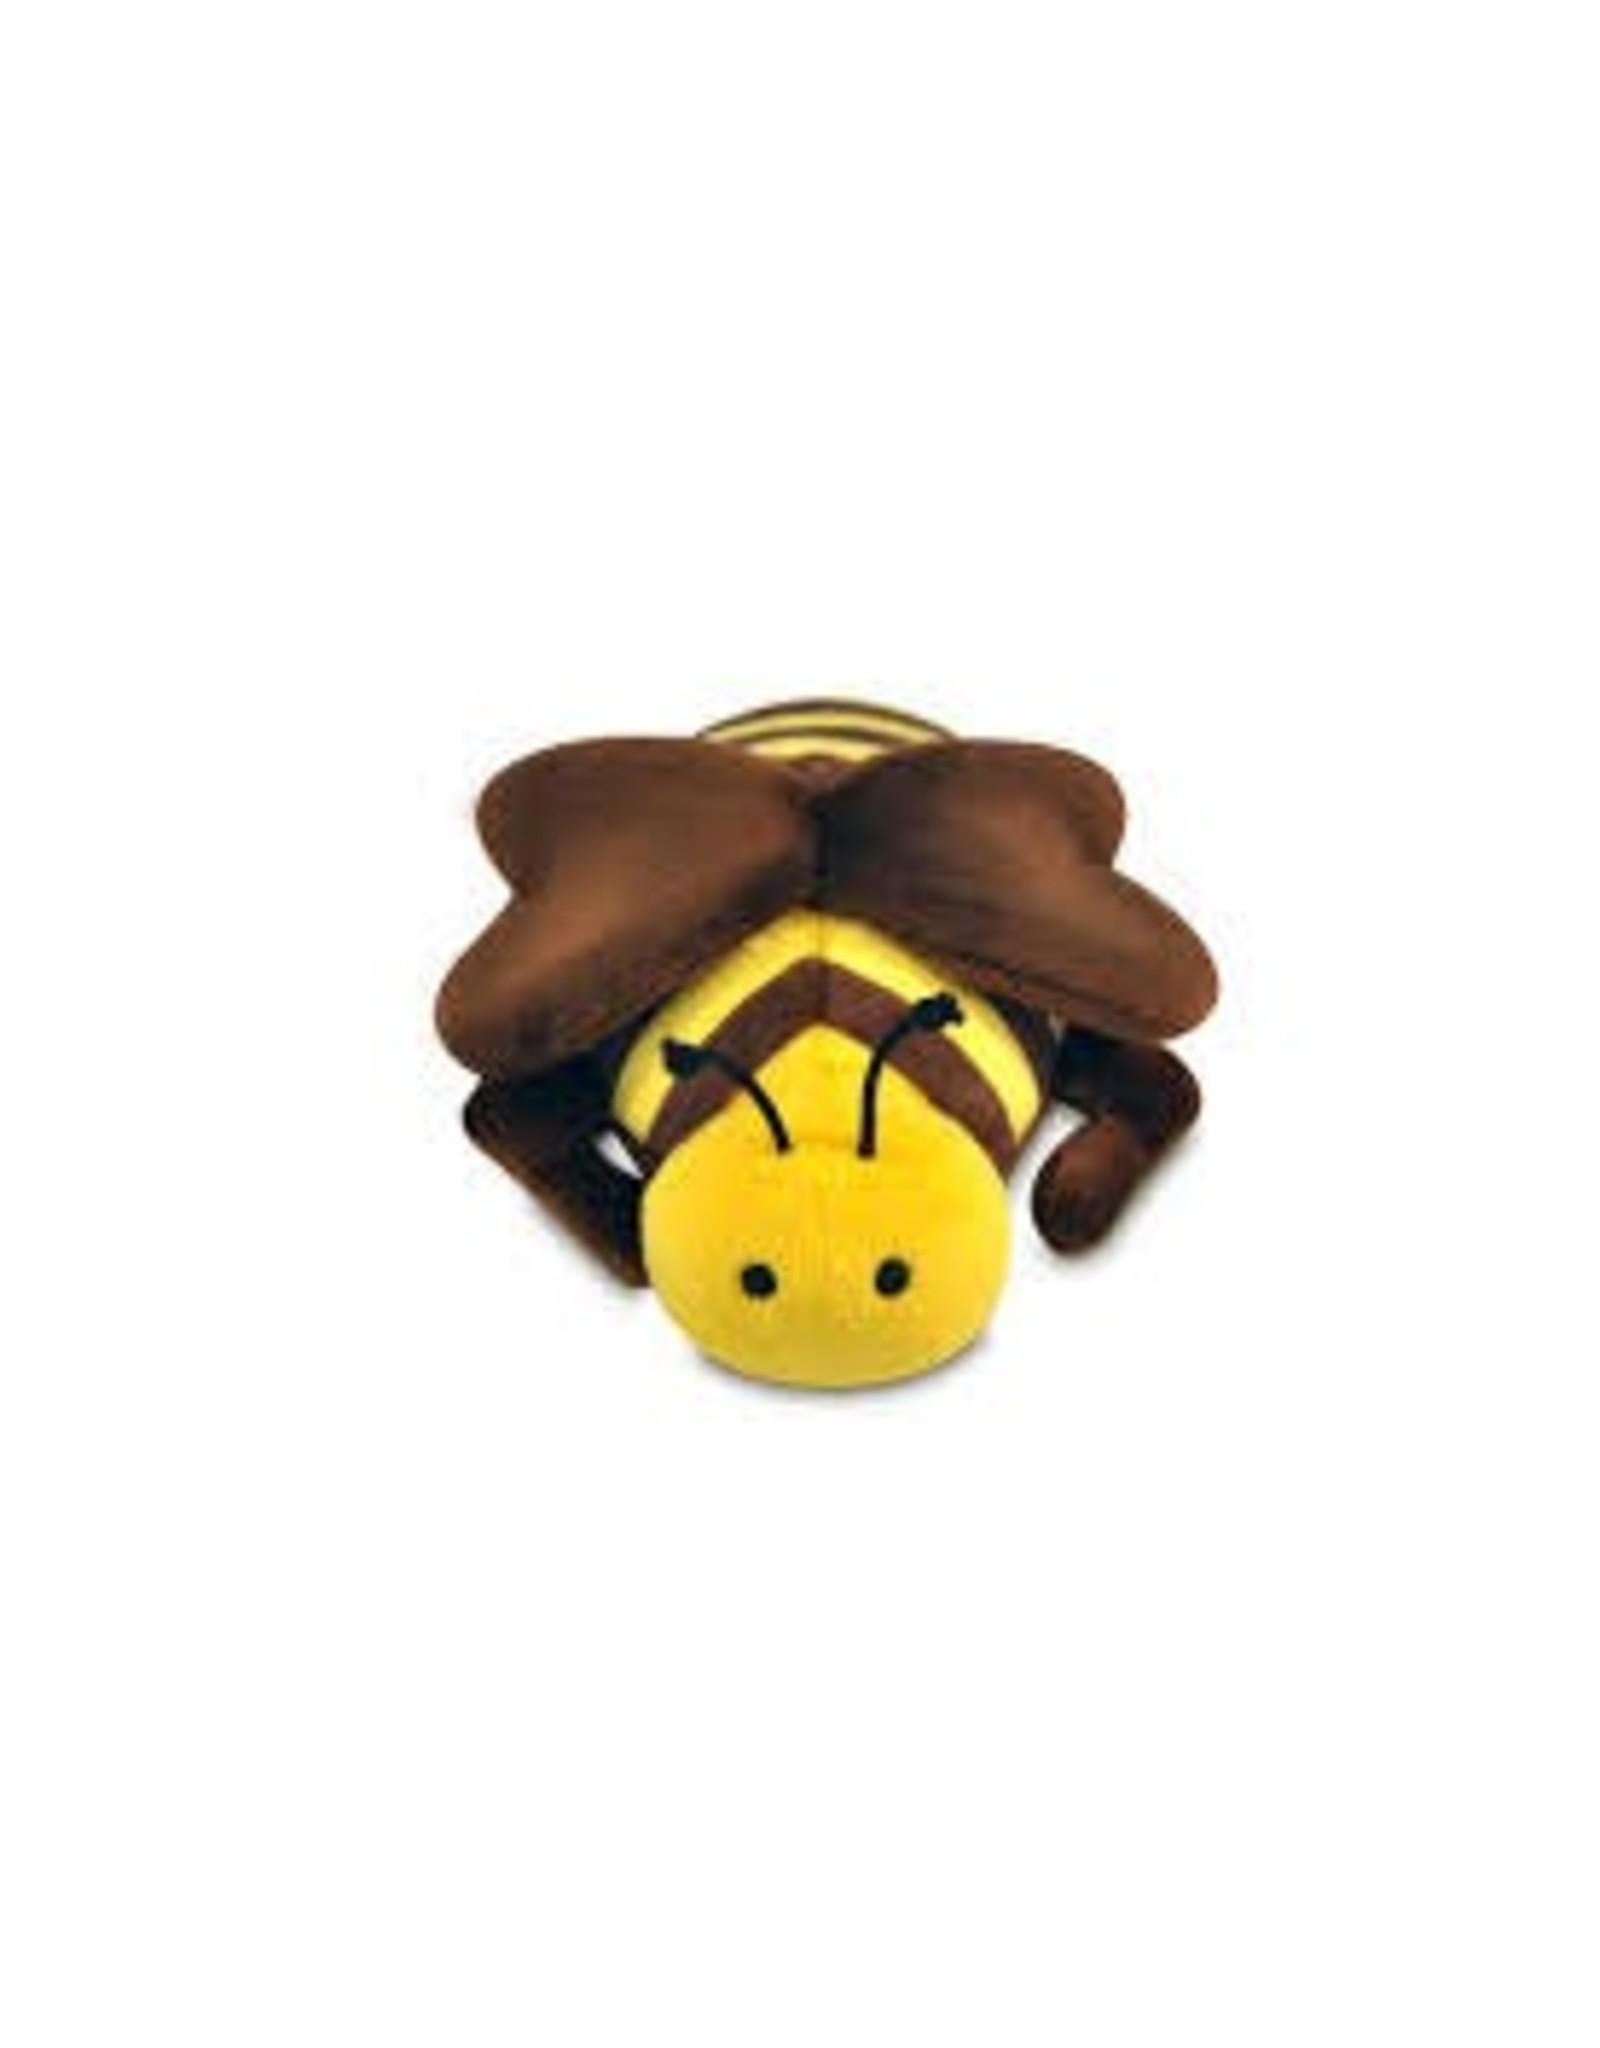 PLAY PLAY BEE